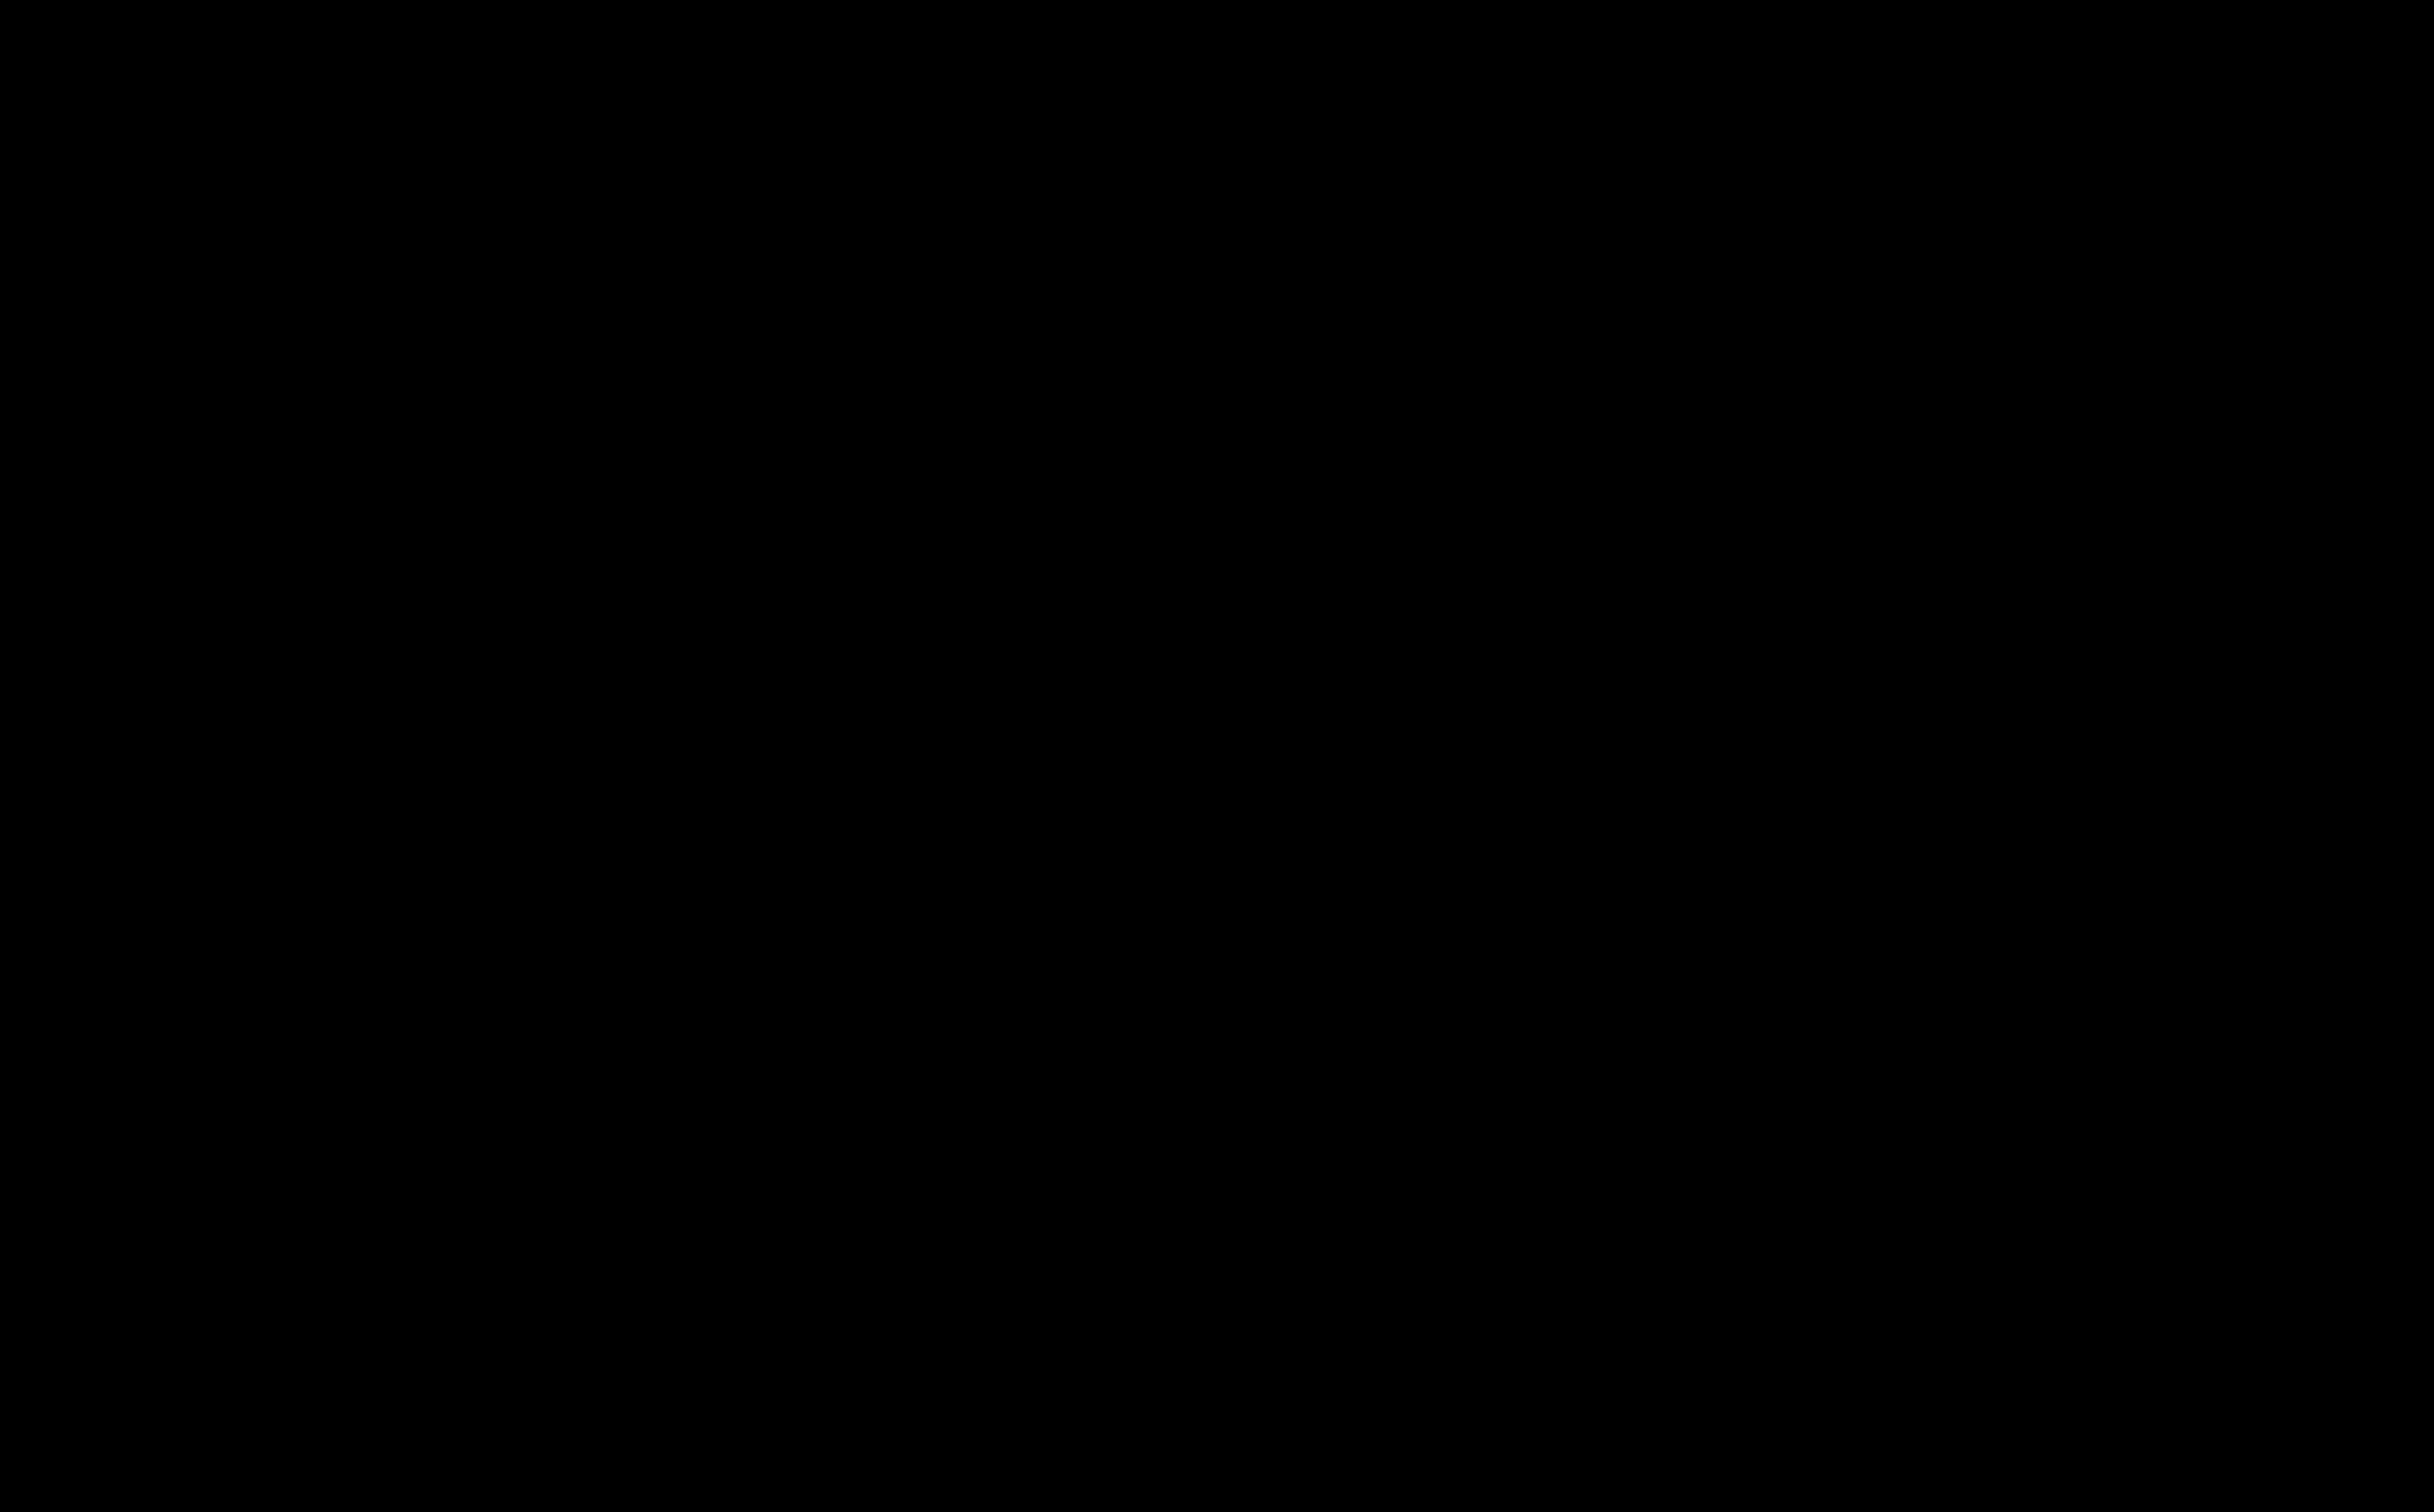 地板結構輪播圖-2560x1501n